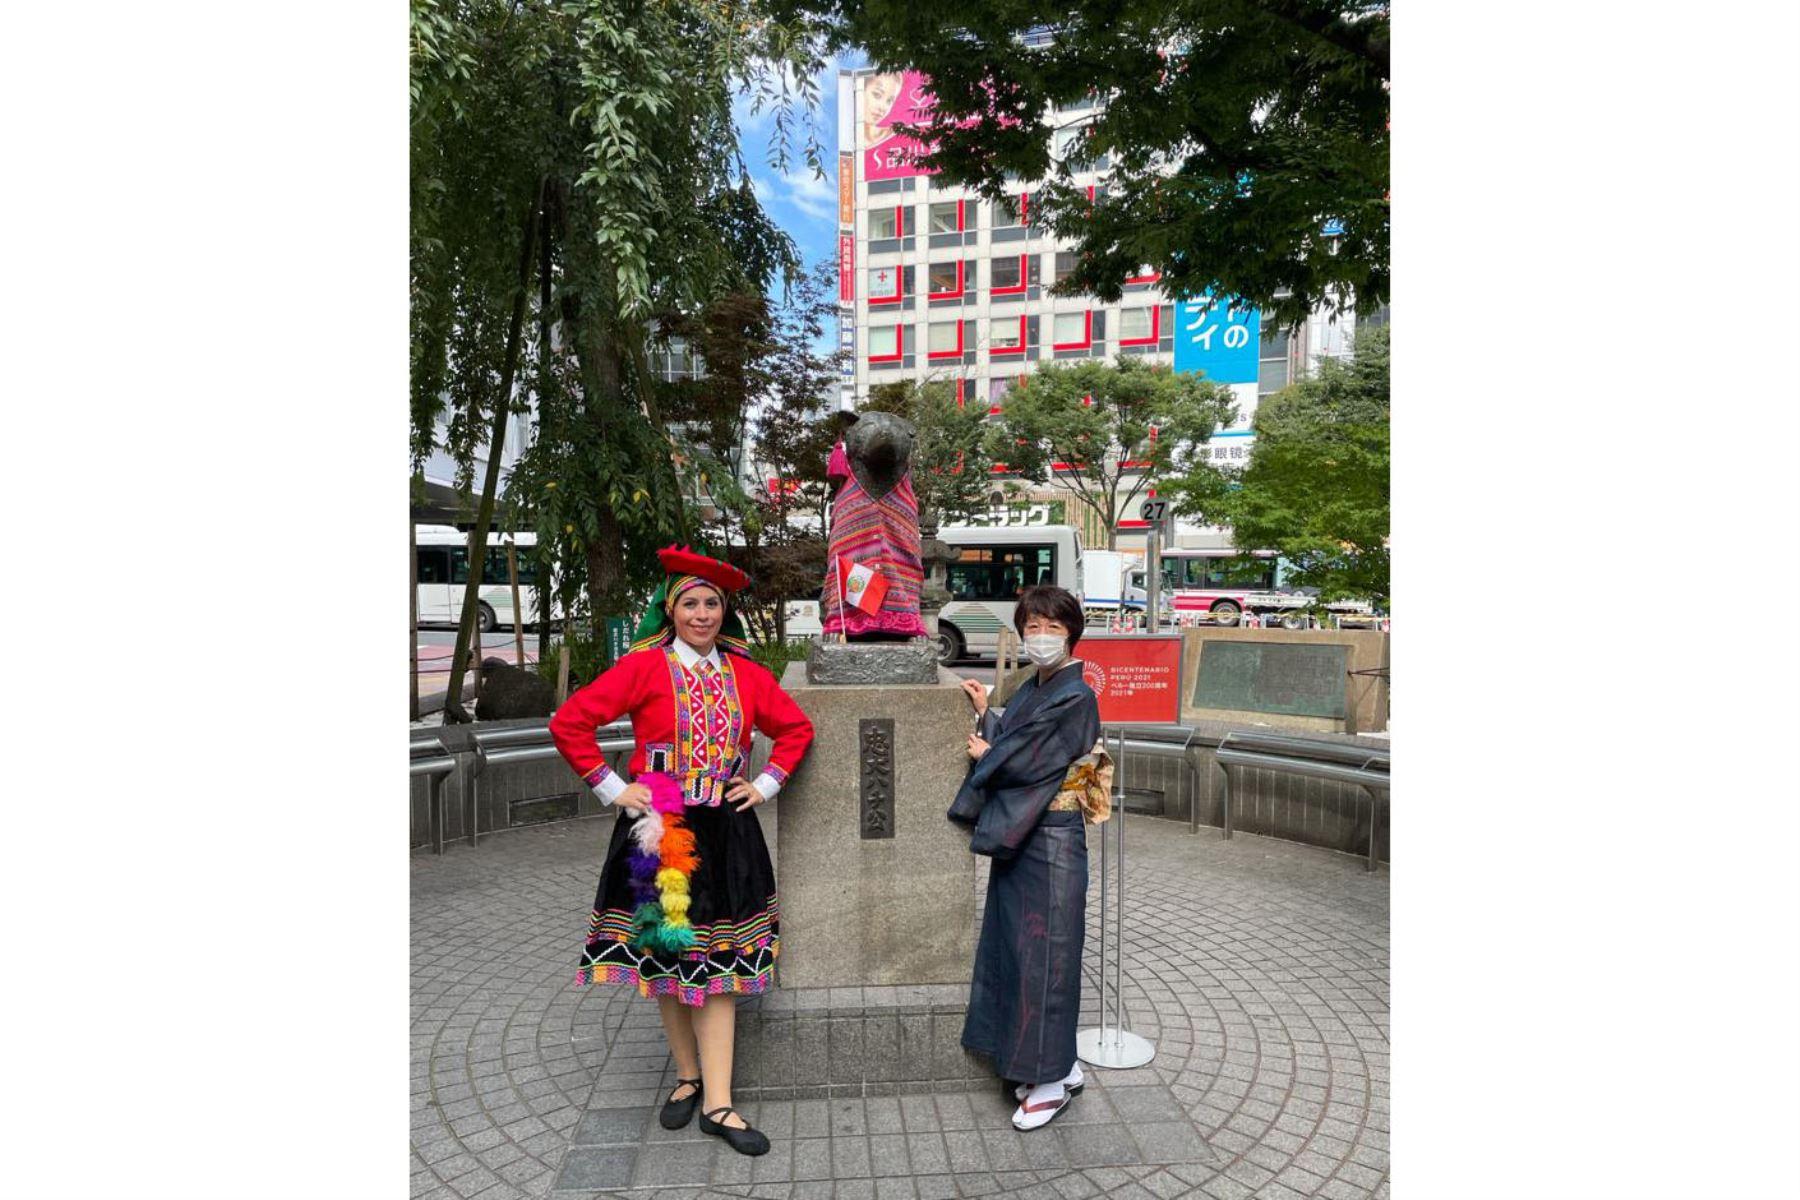 Con ocasión del Bicentenario en Perú, la famosa estatua de Hachiko se viste con un traje típico del Perú. Foto:@CancilleriaPeru